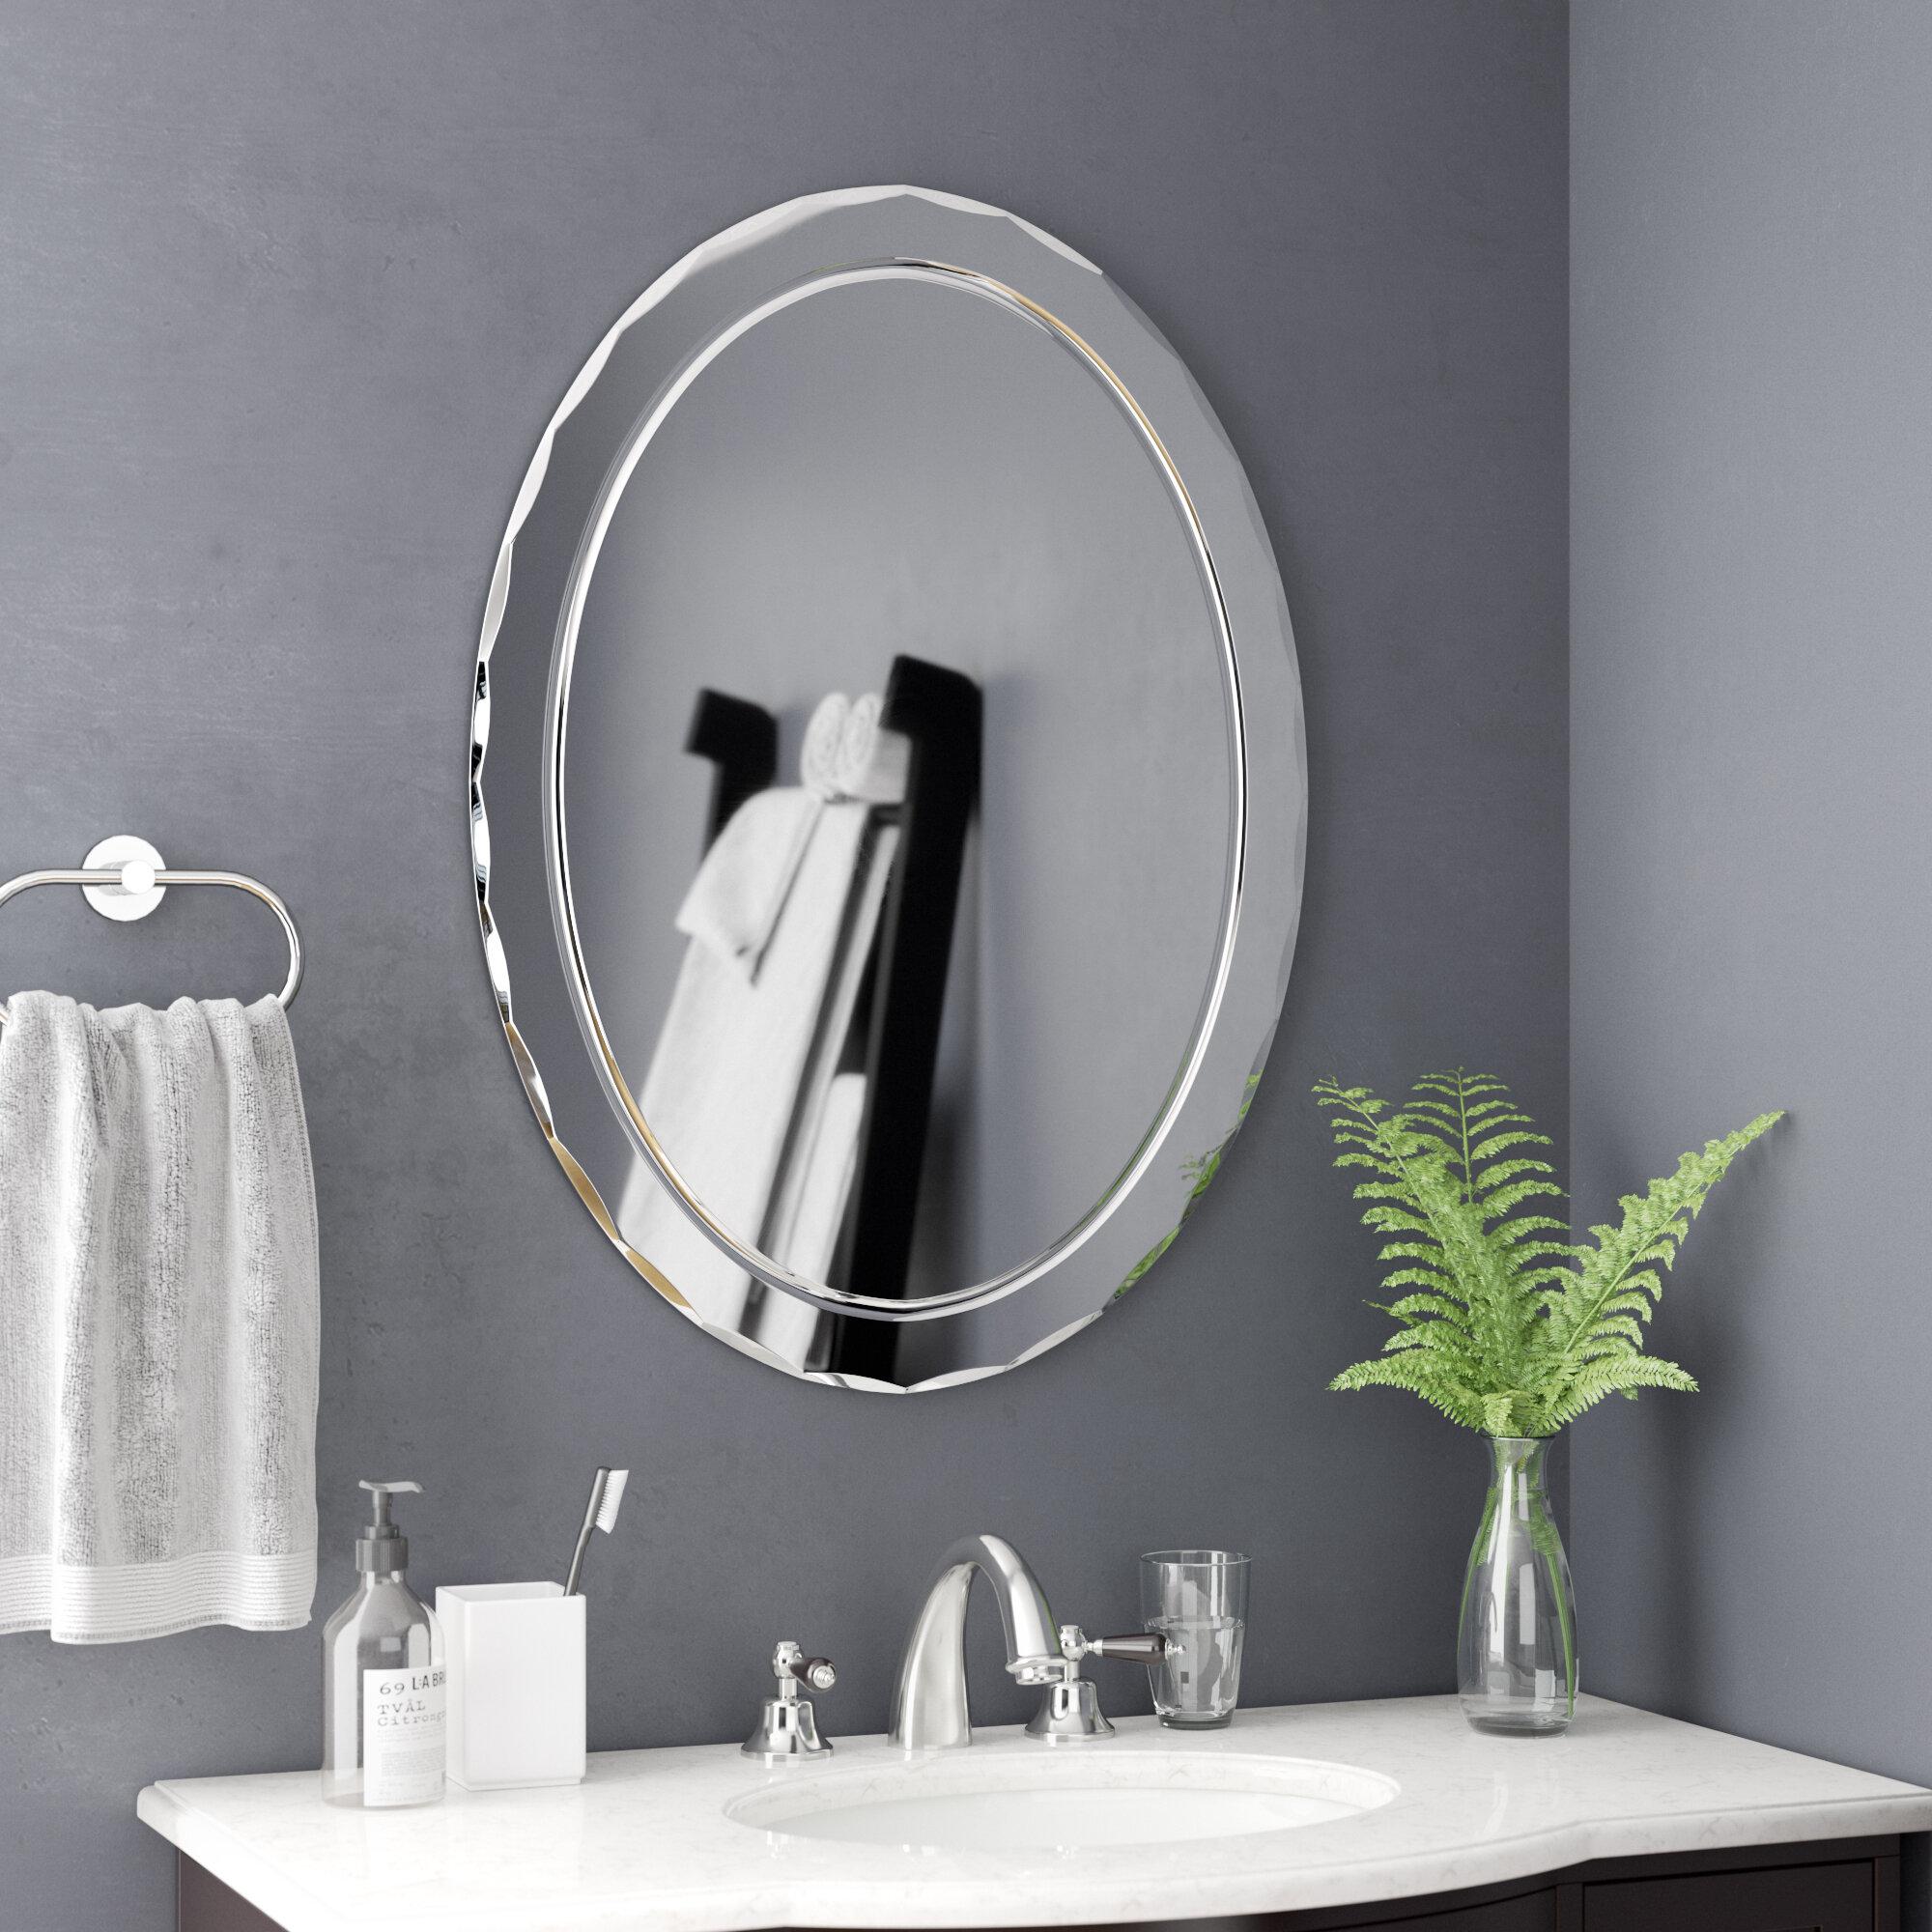 Ivy Bronx Modern Contemporary Beveled Frameless Wall Mirror Reviews Wayfair